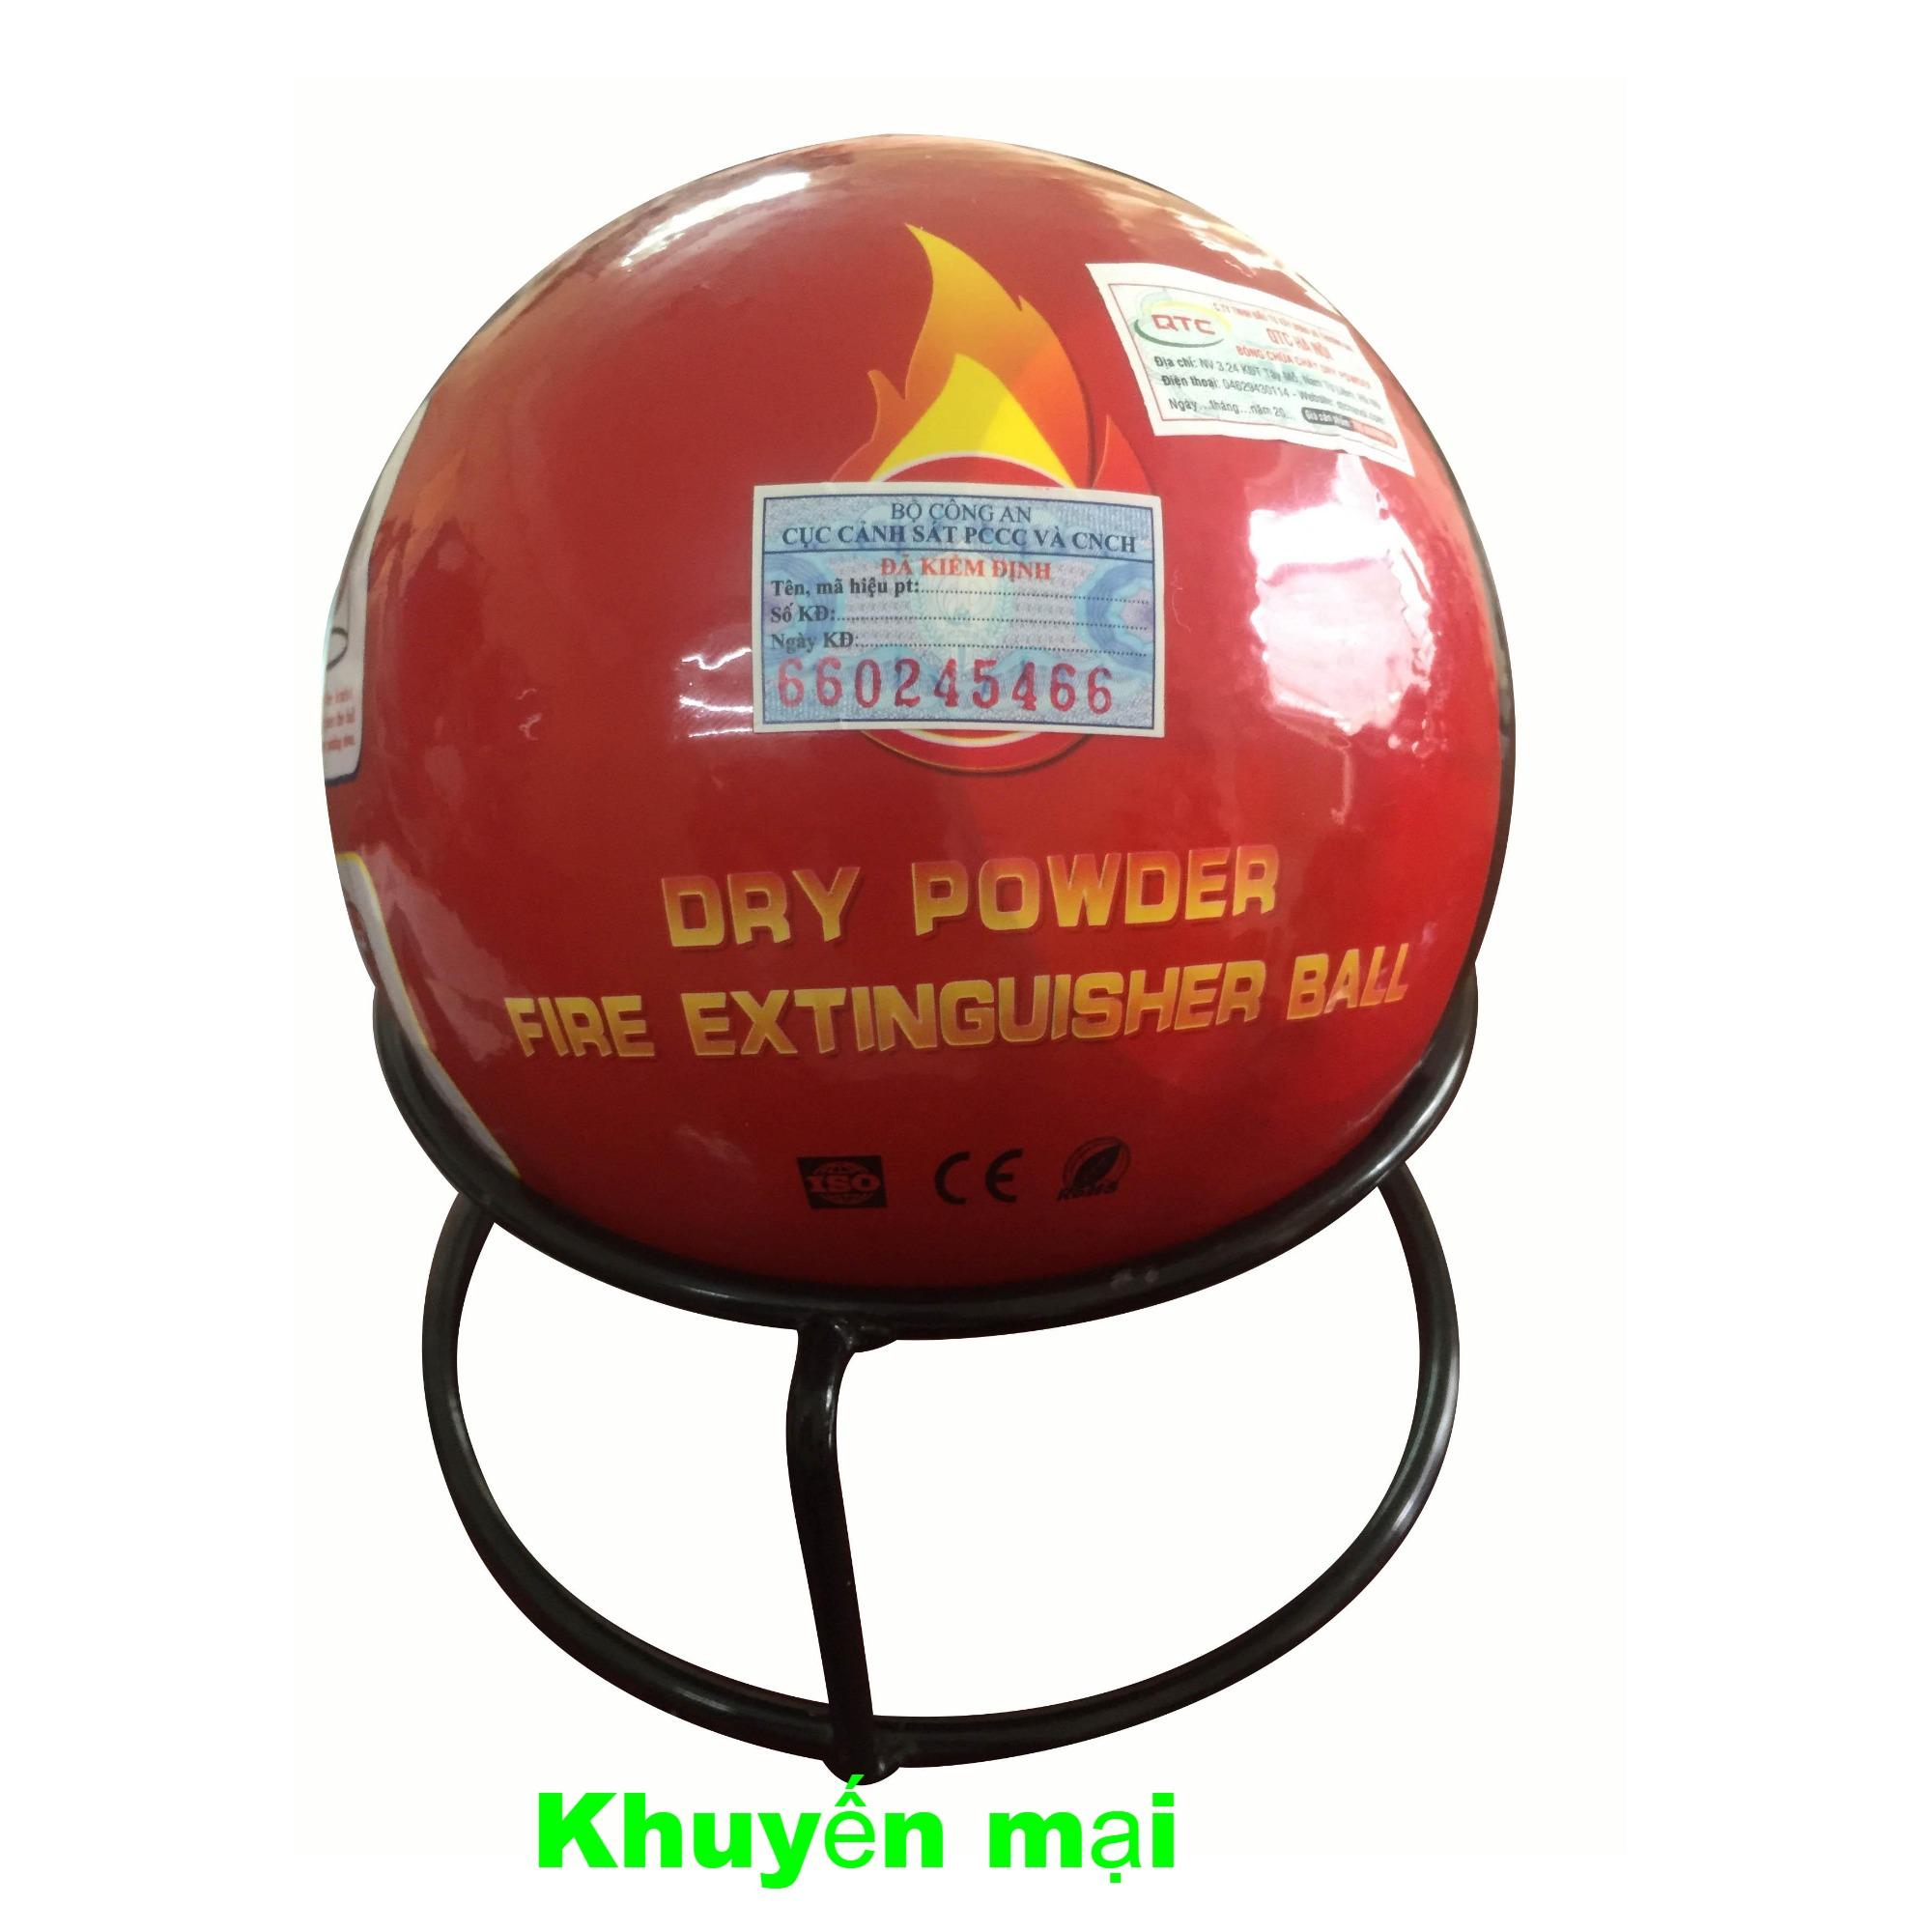 bong-chua-chay-tu-dong-dry-powder-phan-phoi-doc-quyen-tai-viet-nam